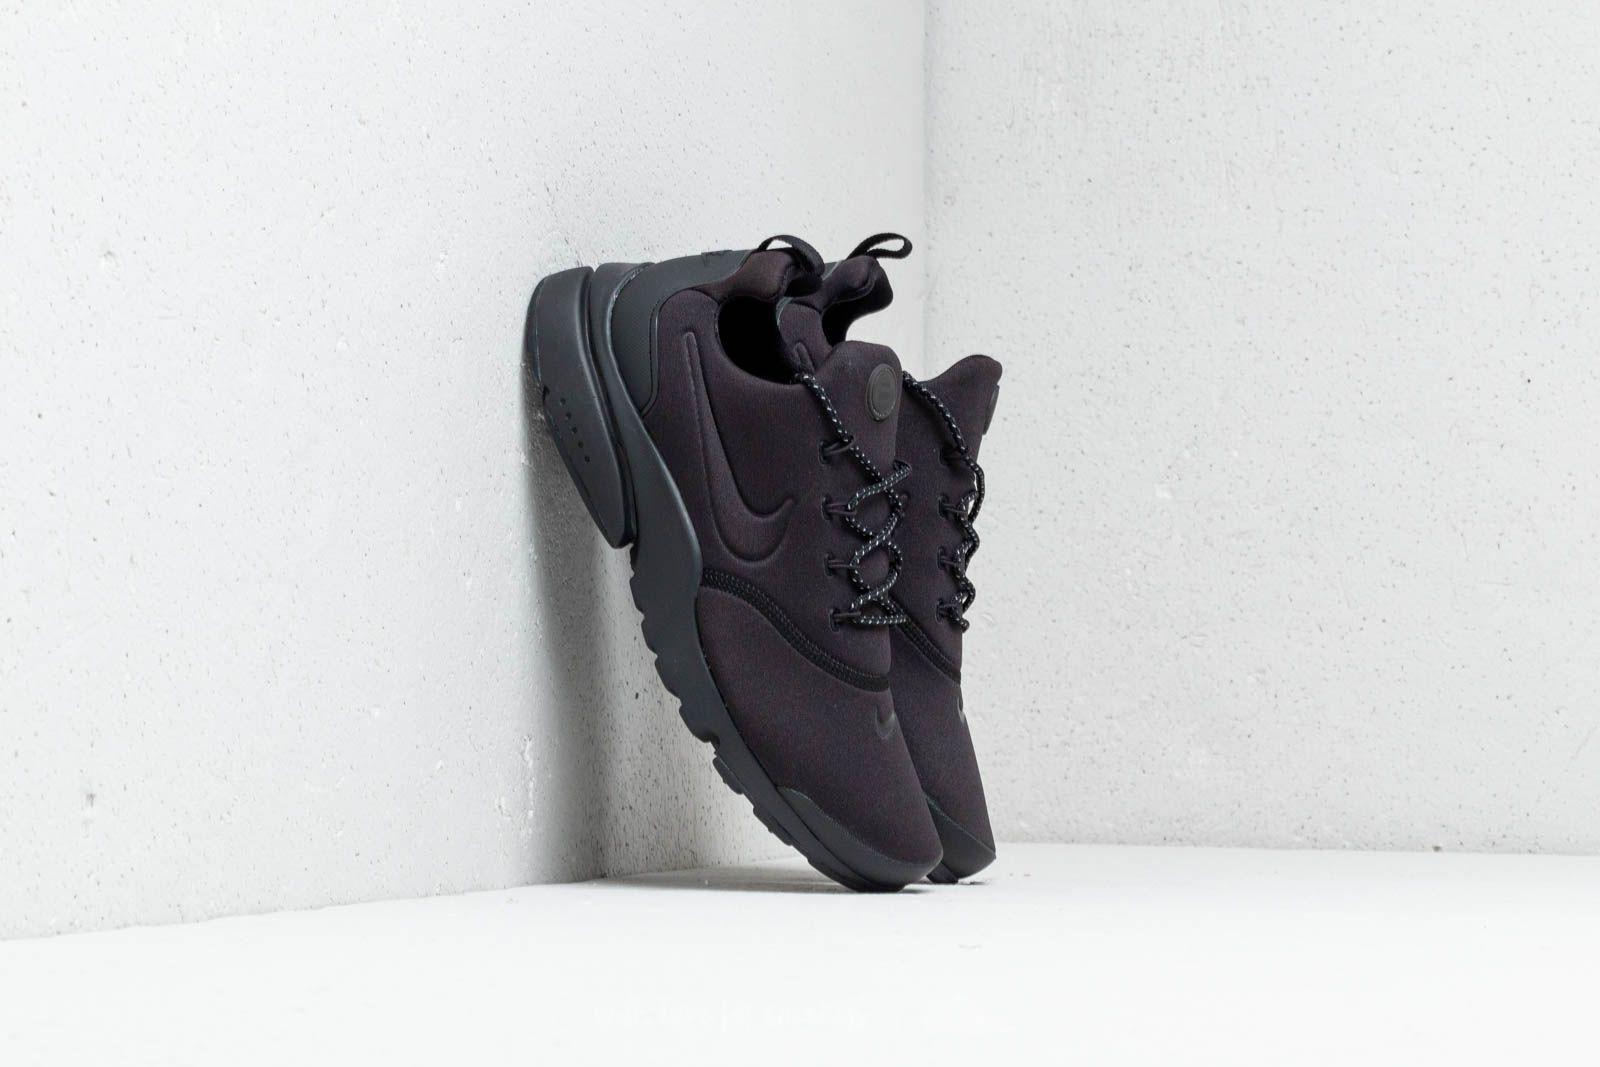 5abdf299920e Nike Presto Fly SE Black  Black at a great price 110 € buy at Footshop